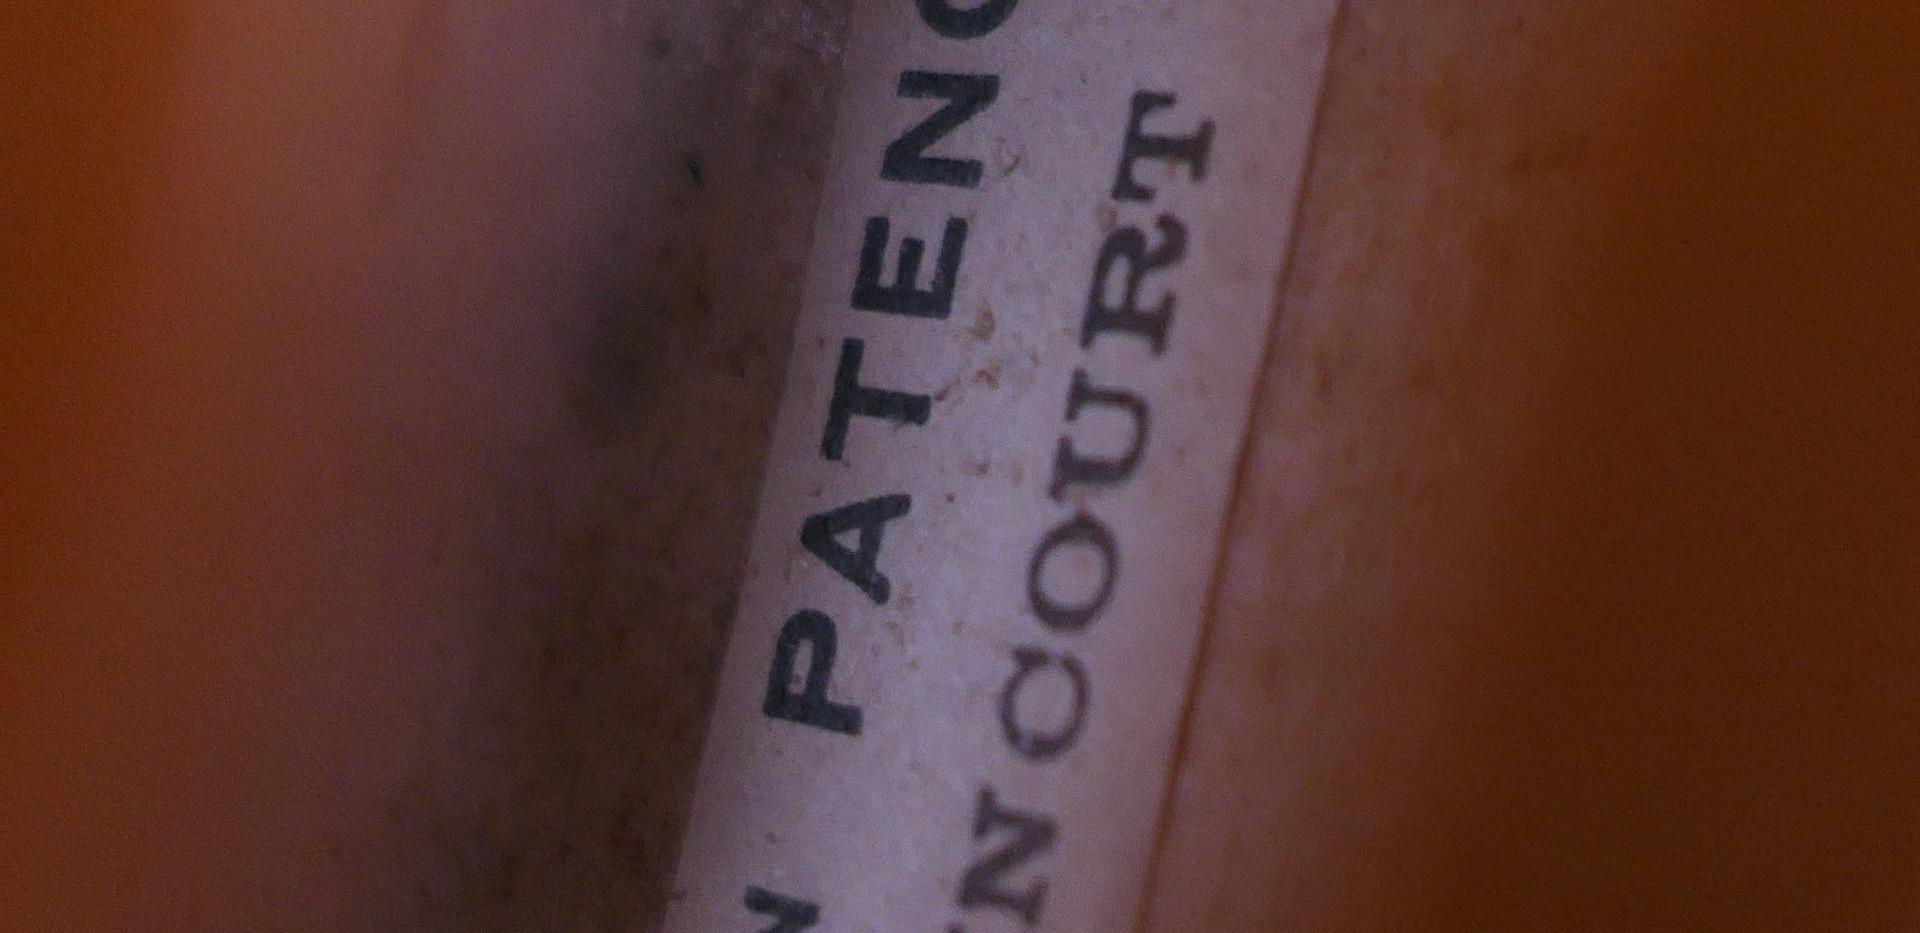 Patenotte L. Etiquette.JPG